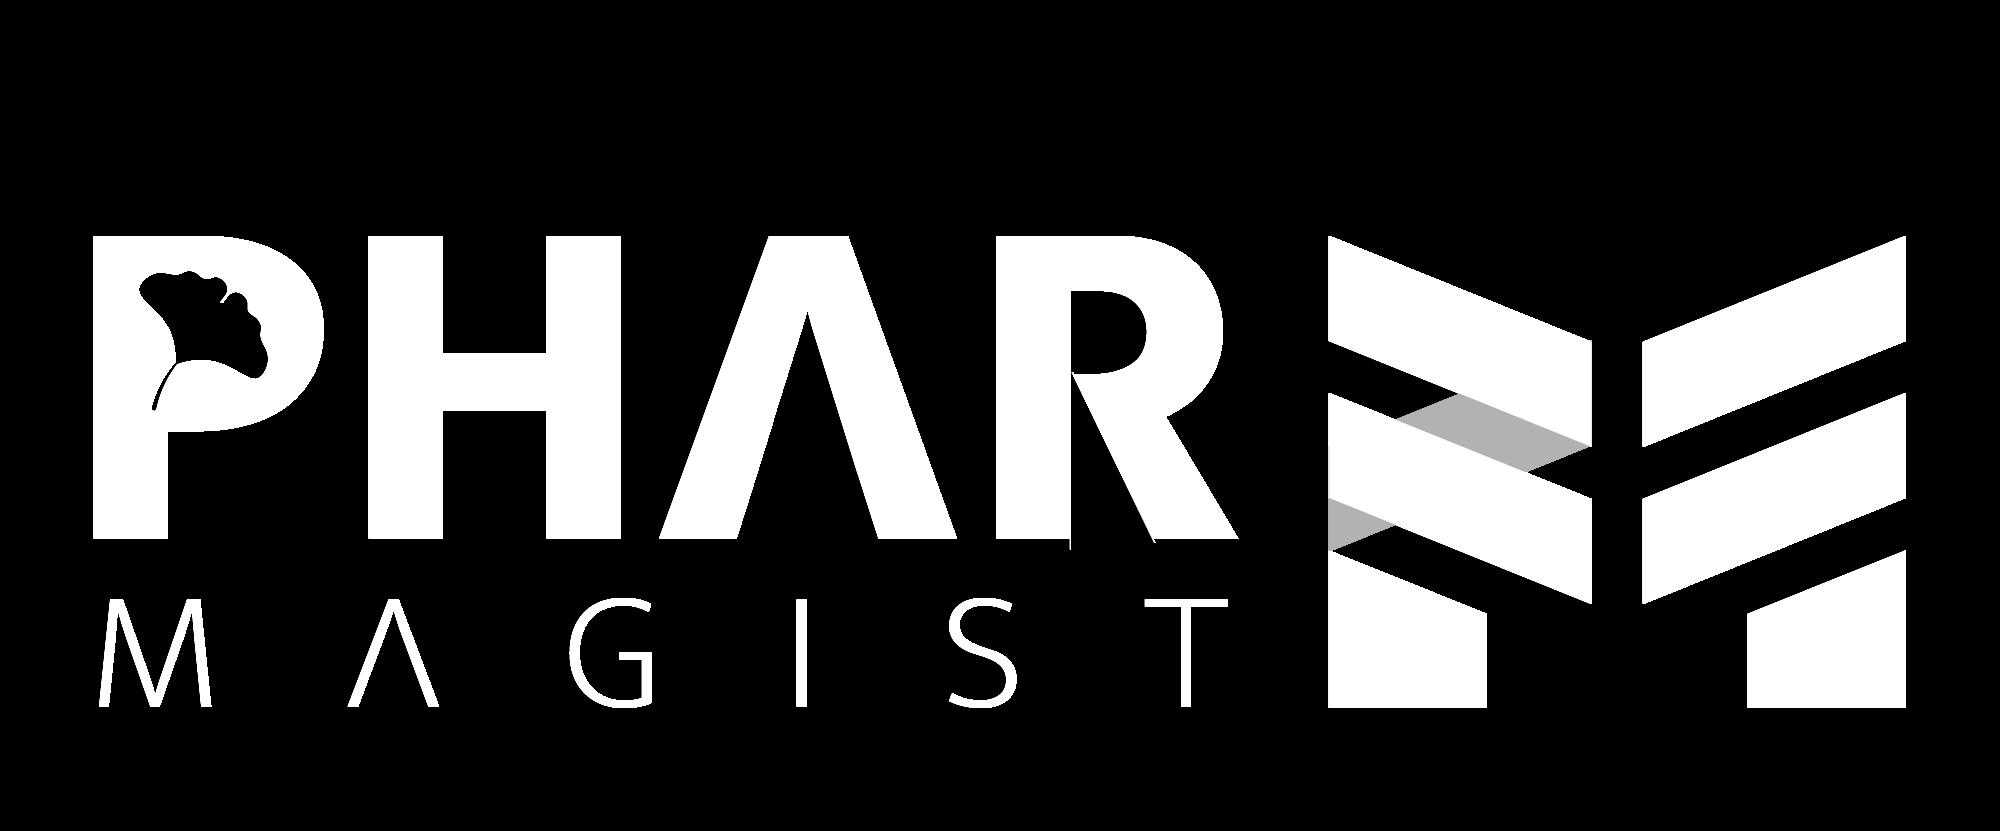 PharMagist